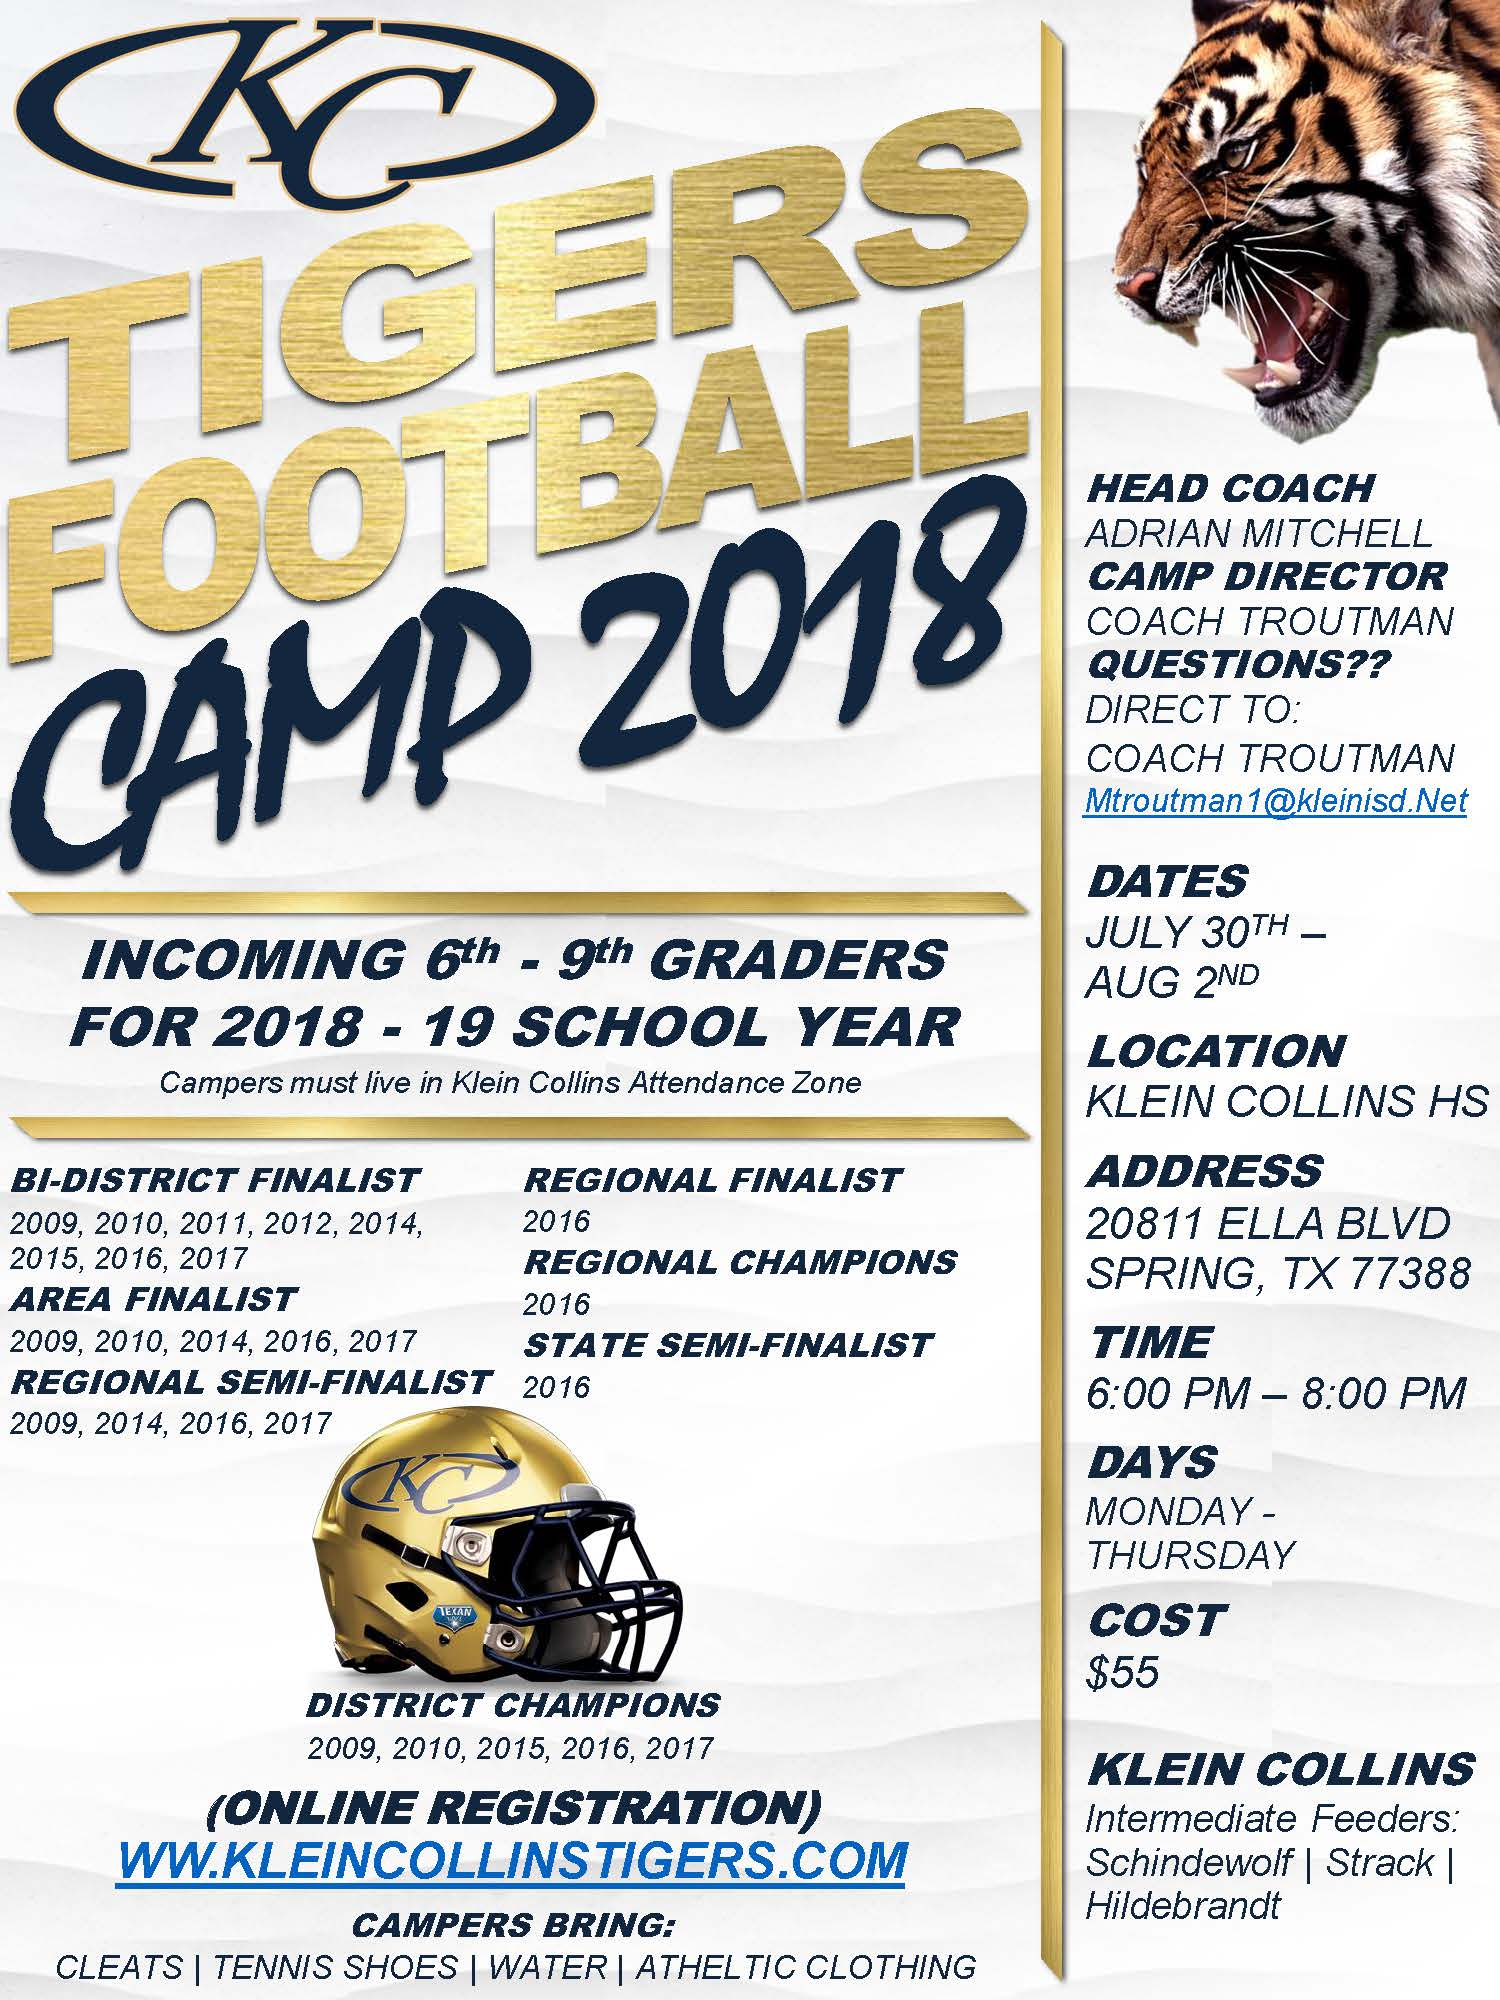 2018 Summer Football Camps Info